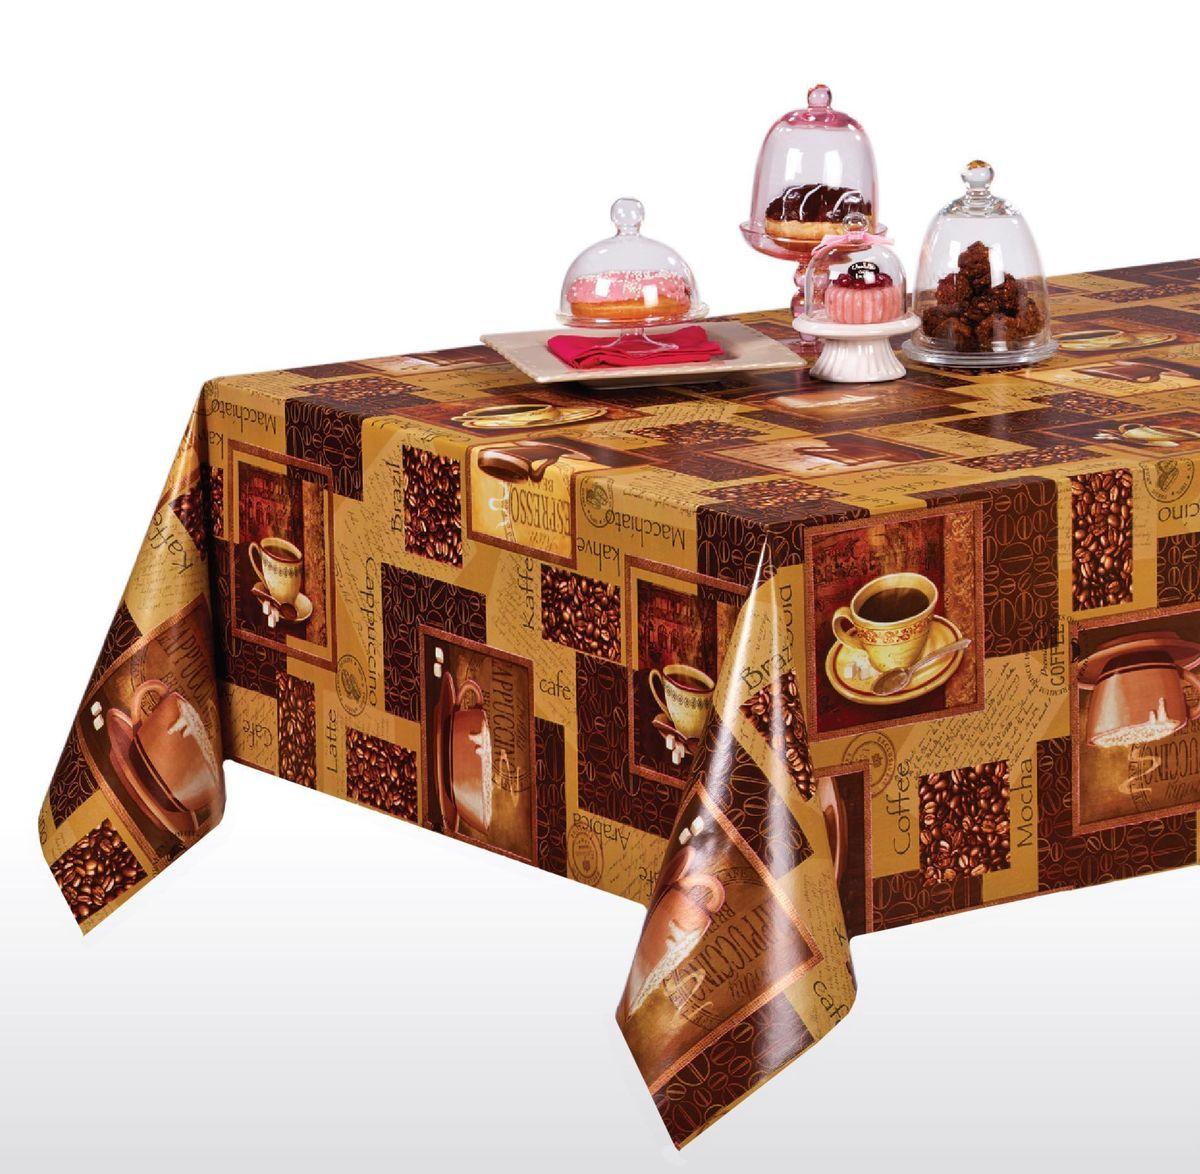 Столовая клеенка LCadesi Florista, прямоугольная, 130 х 165 см. FL130165-004-00FL130165-004-00Столовая клеенка Florista с ярким дизайном украсит ваш стол и защитит его от царапин и пятен. Благодаря основе из нетканого материала не скользит по столу. Клеенка не имеет запаха и совершенно безопасна для человека.